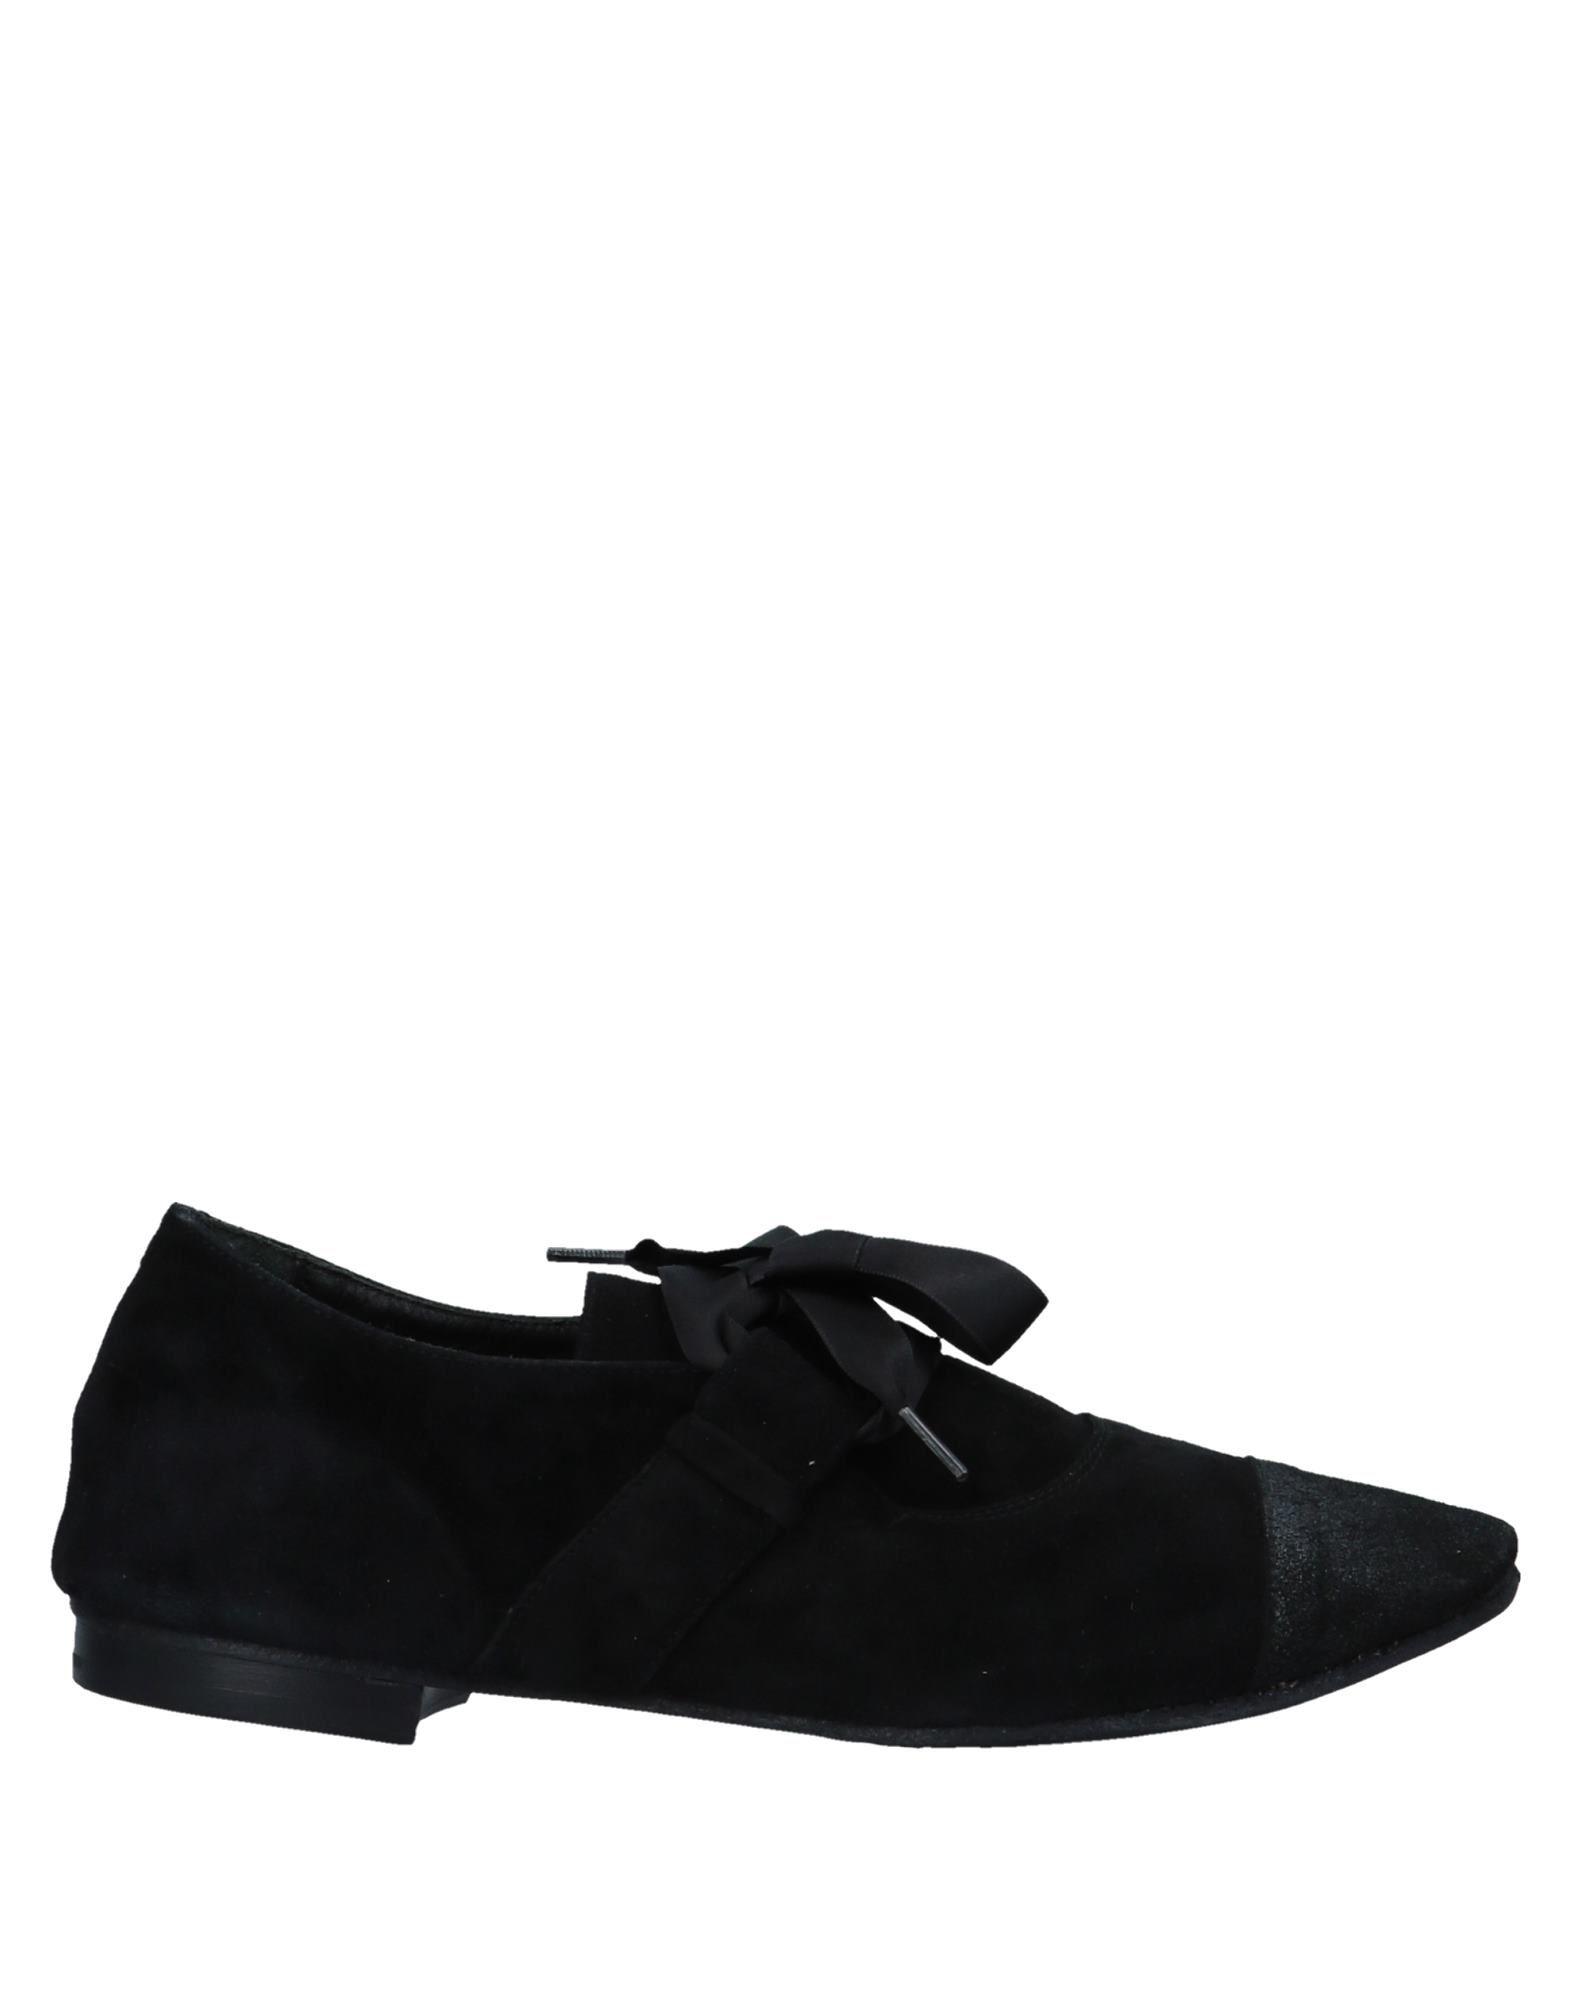 KUDETÀ Обувь на шнурках первый внутри обувь обувь обувь обувь обувь обувь обувь обувь обувь 8a2549 мужская армия green 40 метров